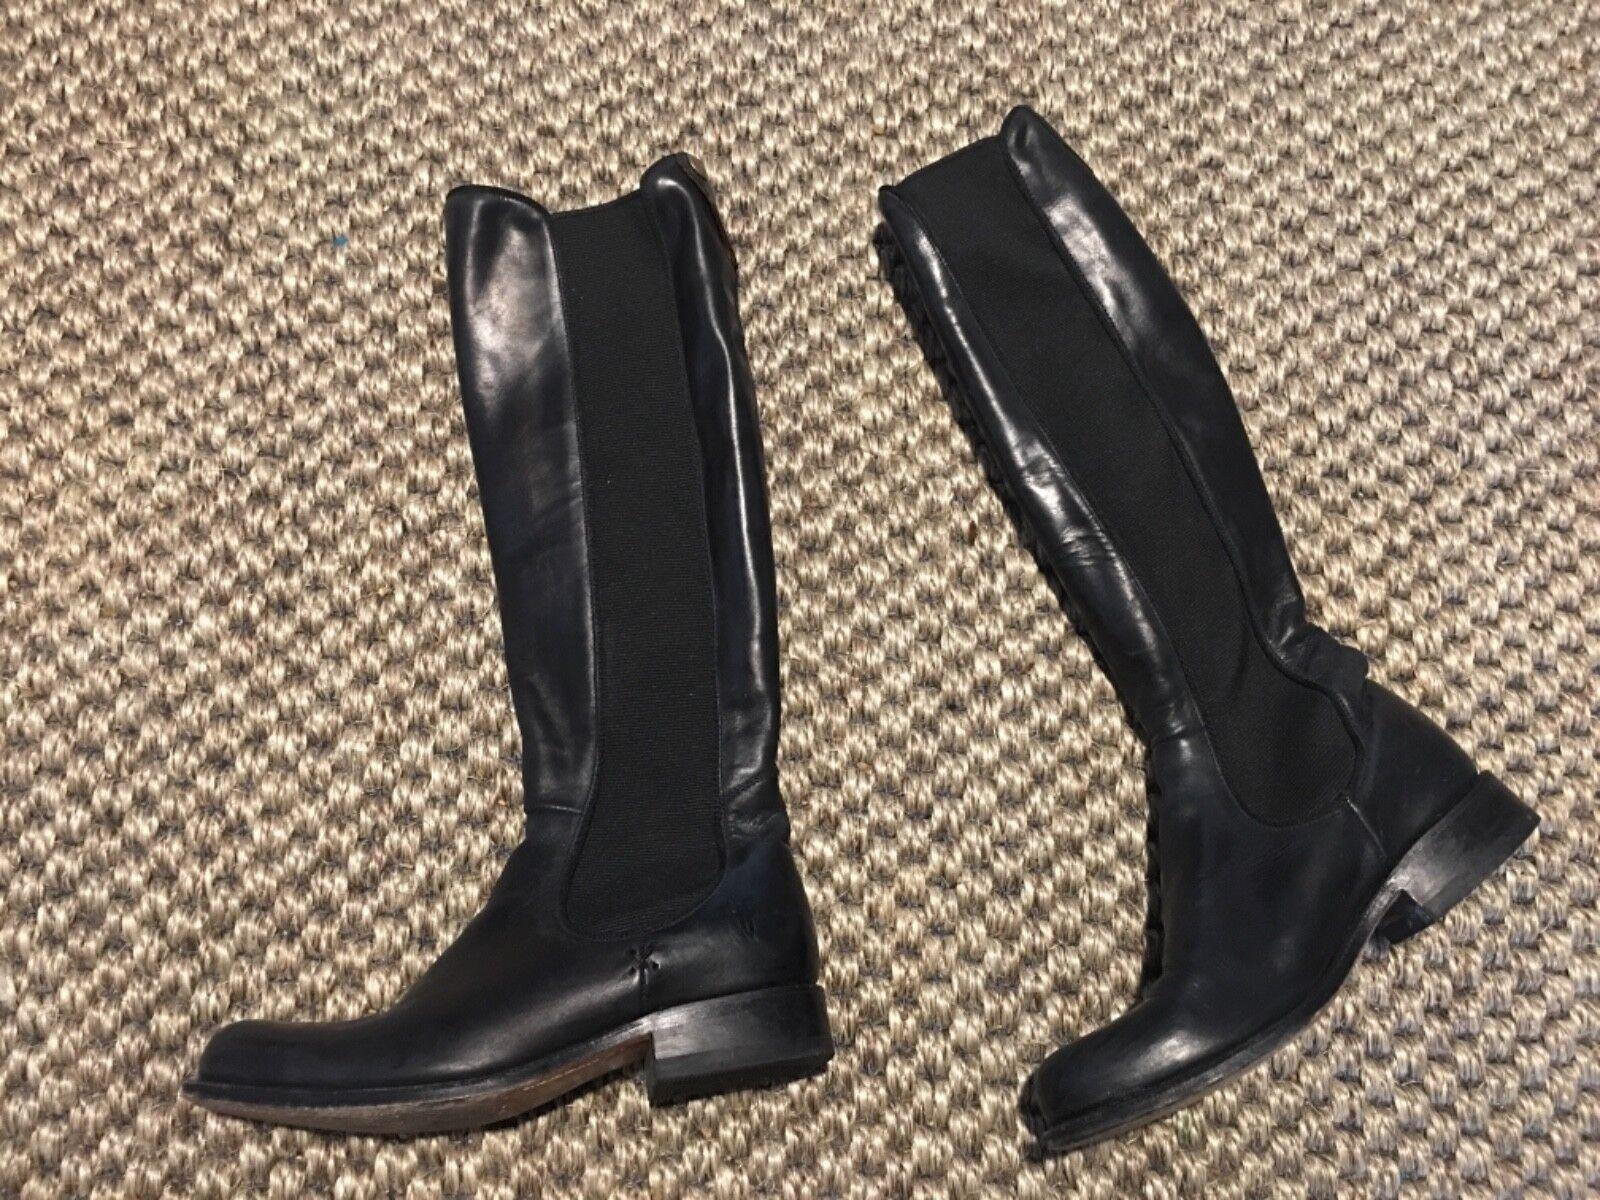 risparmia il 50% -75% di sconto Frye donna Chelsea Tall Tall Tall Riding stivali 3477632 Dimensione 6  qualità di prima classe